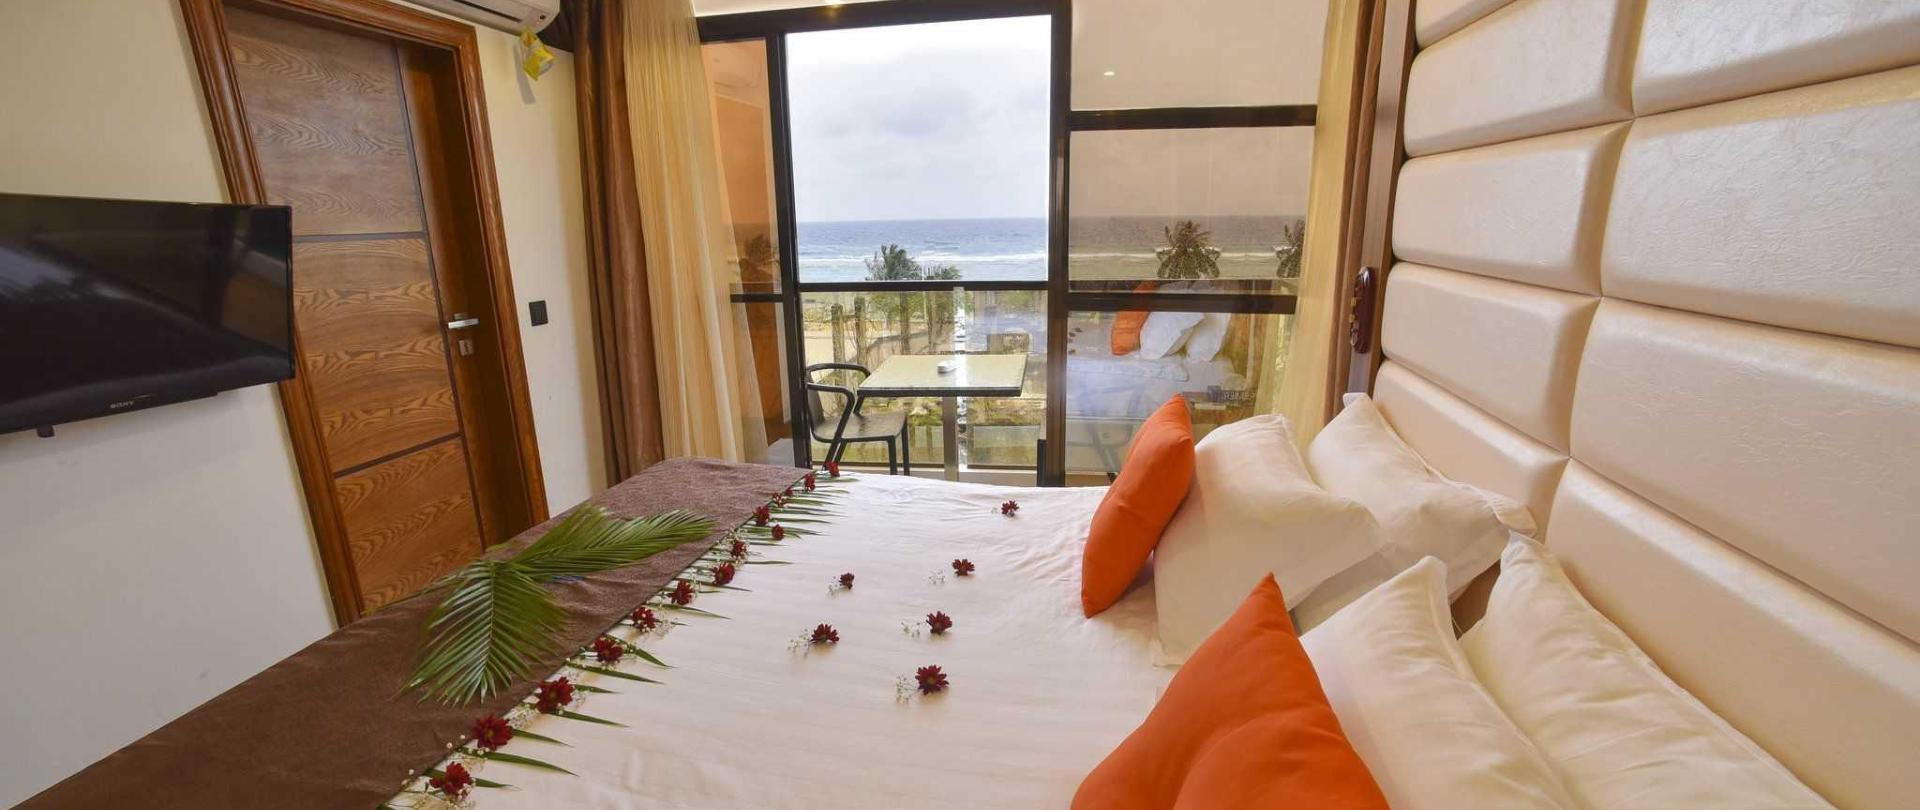 1-deluxe-balcony-sea-view.JPG